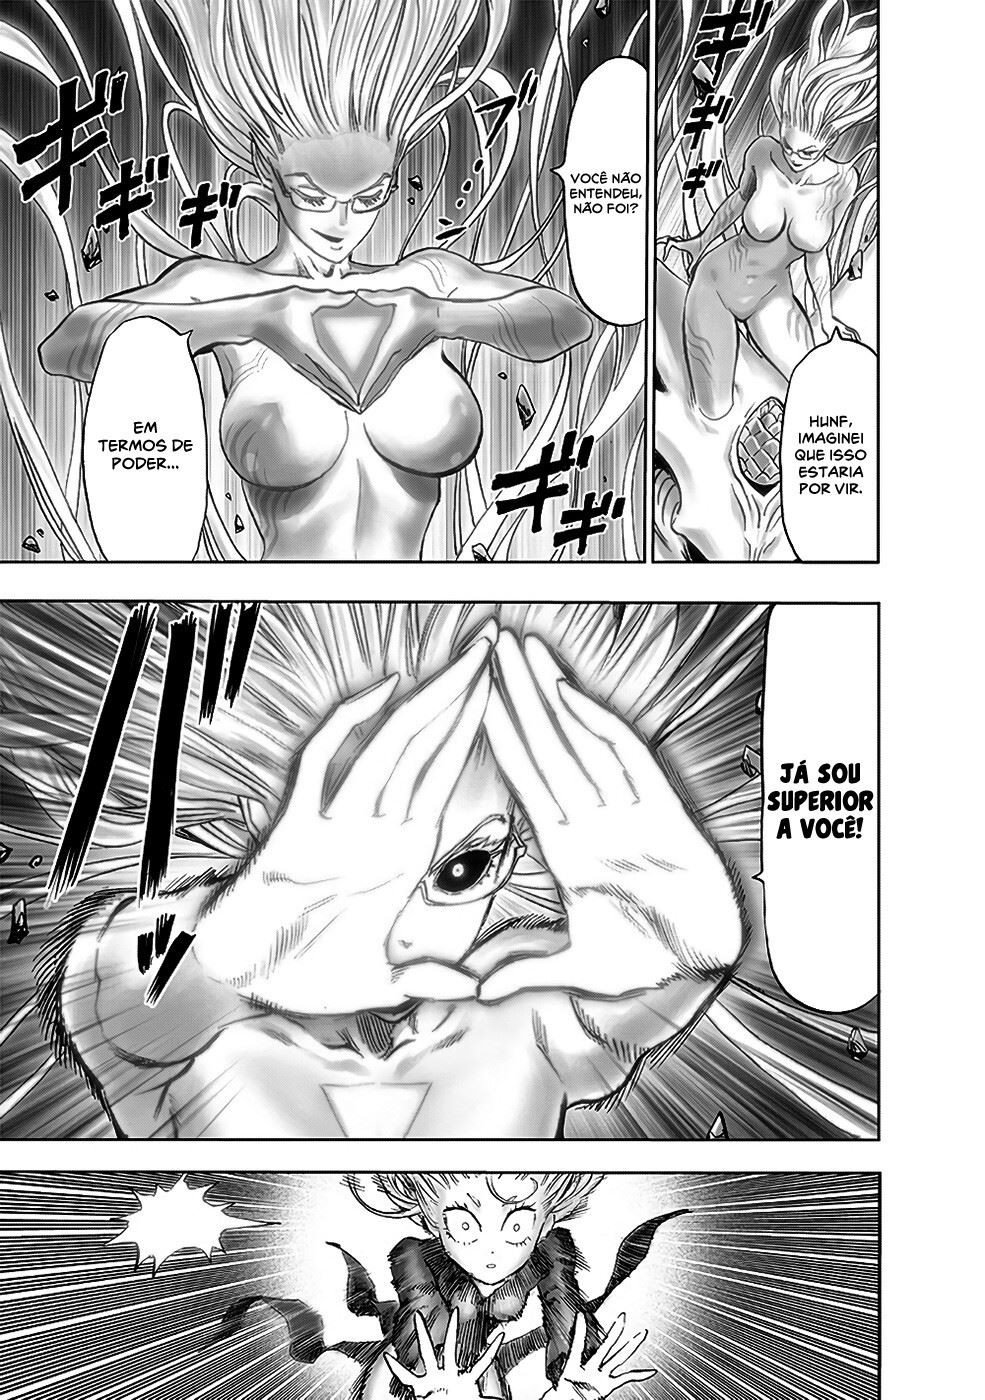 Quem no universo de Naruto seria capaz de derrotar Tatsumaki? - Página 4 0510